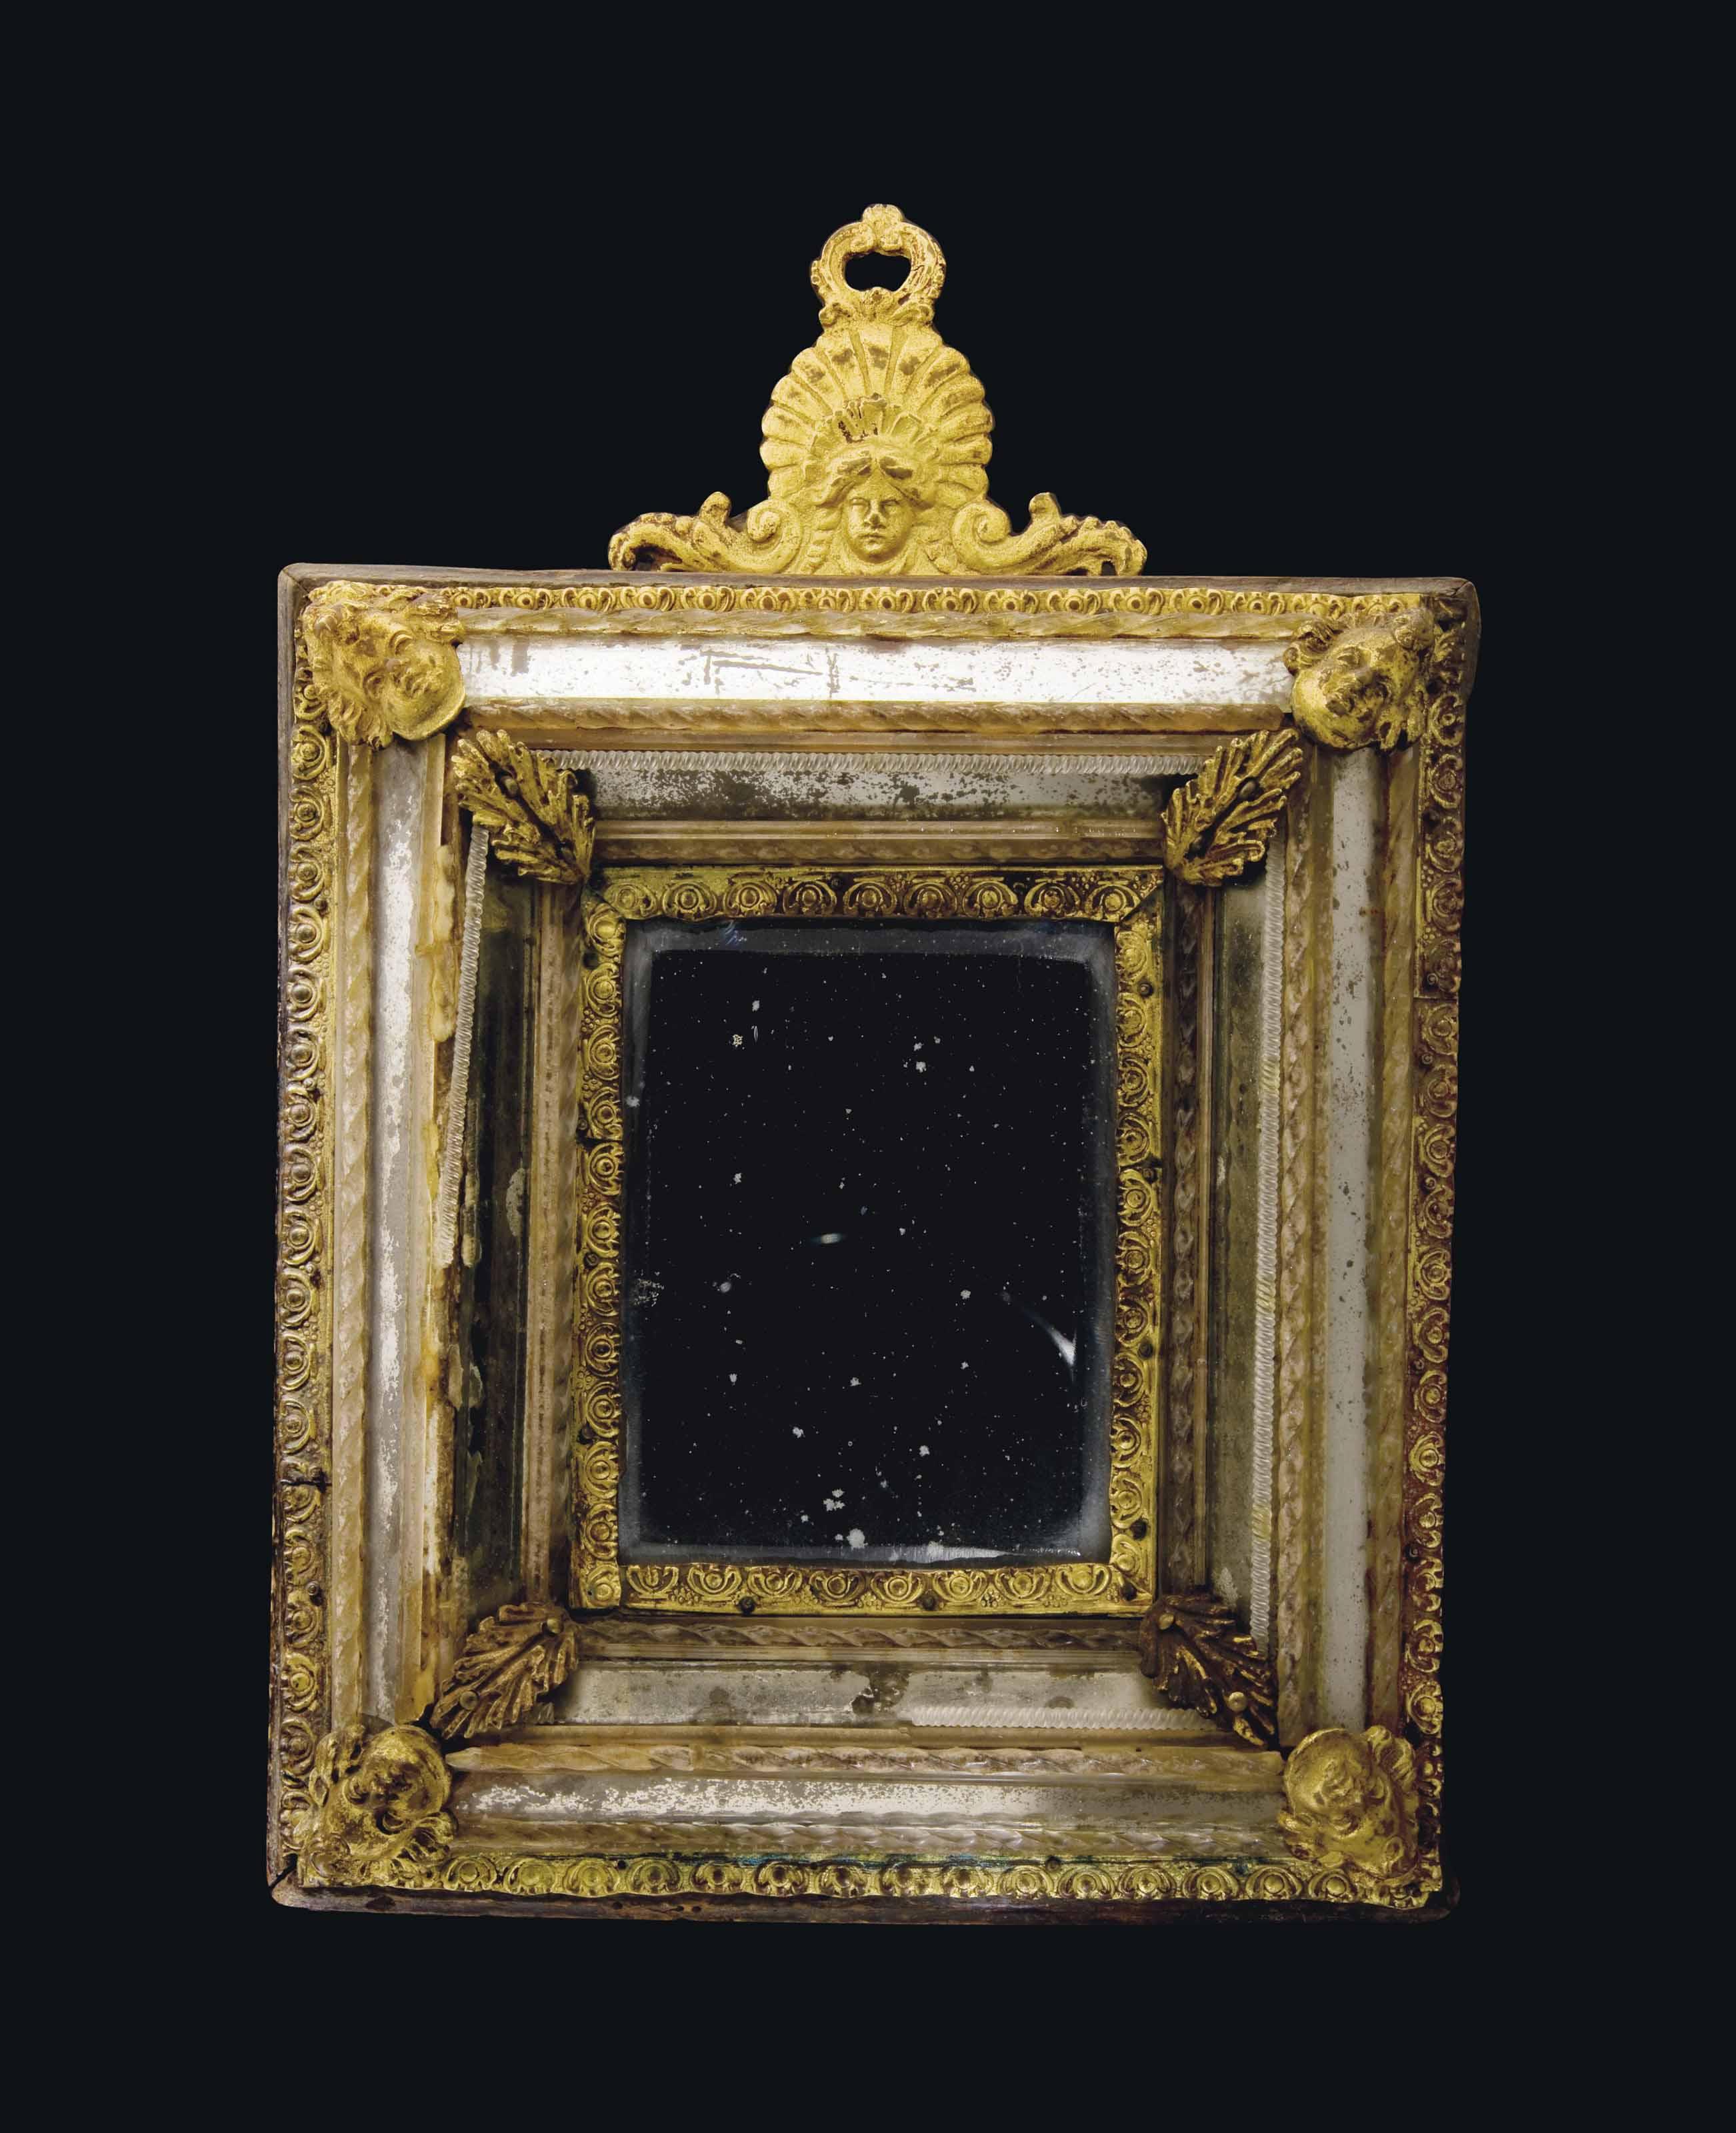 Miroir rectangulaire en bronze dore et verre venise probablement xixeme siecle christie 39 s for Miroir dore rectangulaire